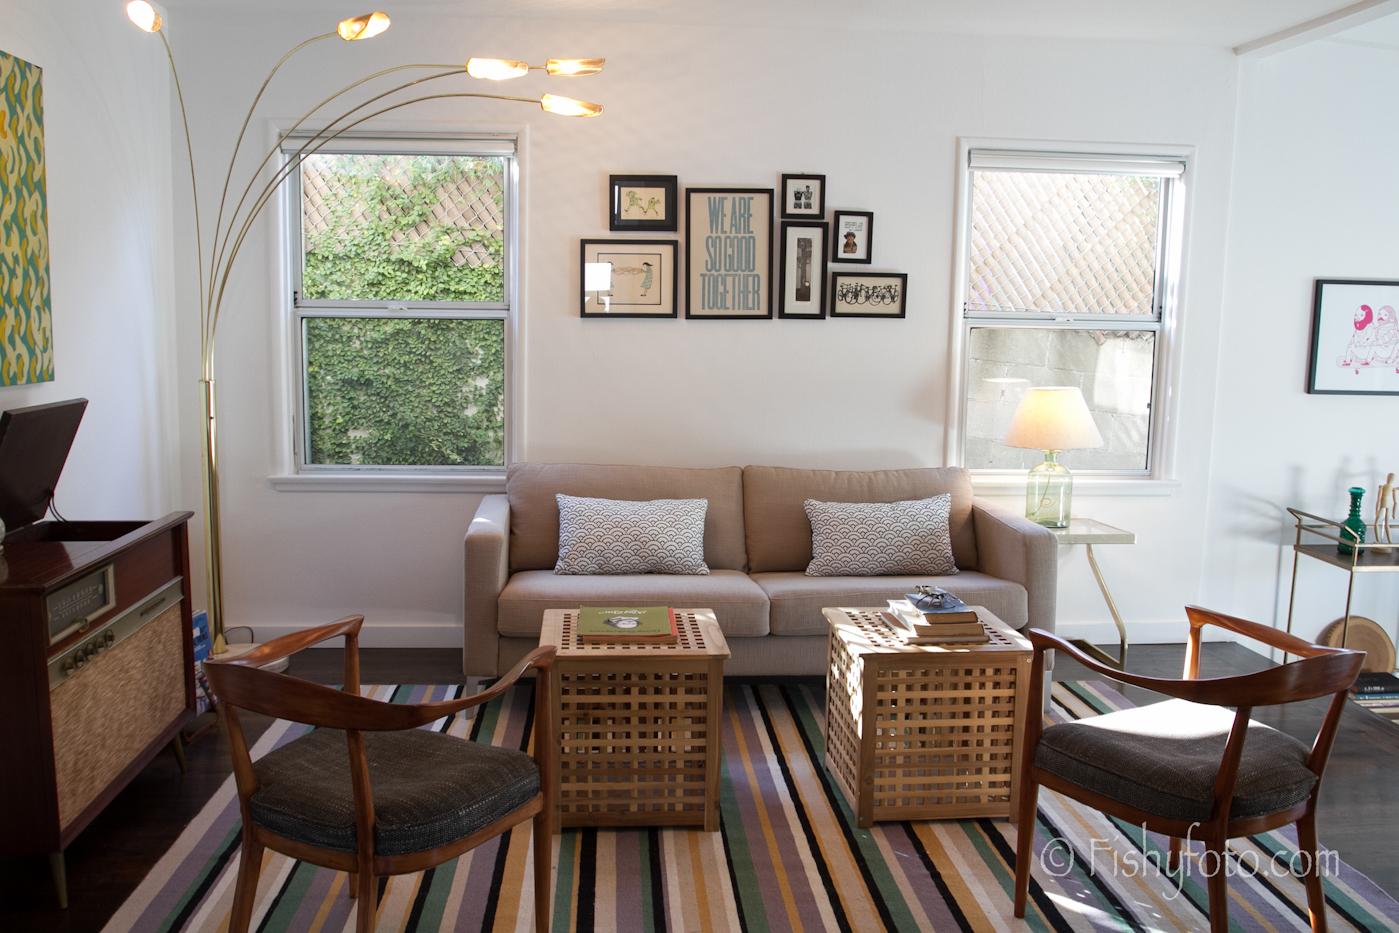 http://www.sothebyshomes.com/Los-Angeles-Real-Estate/sales/0285961